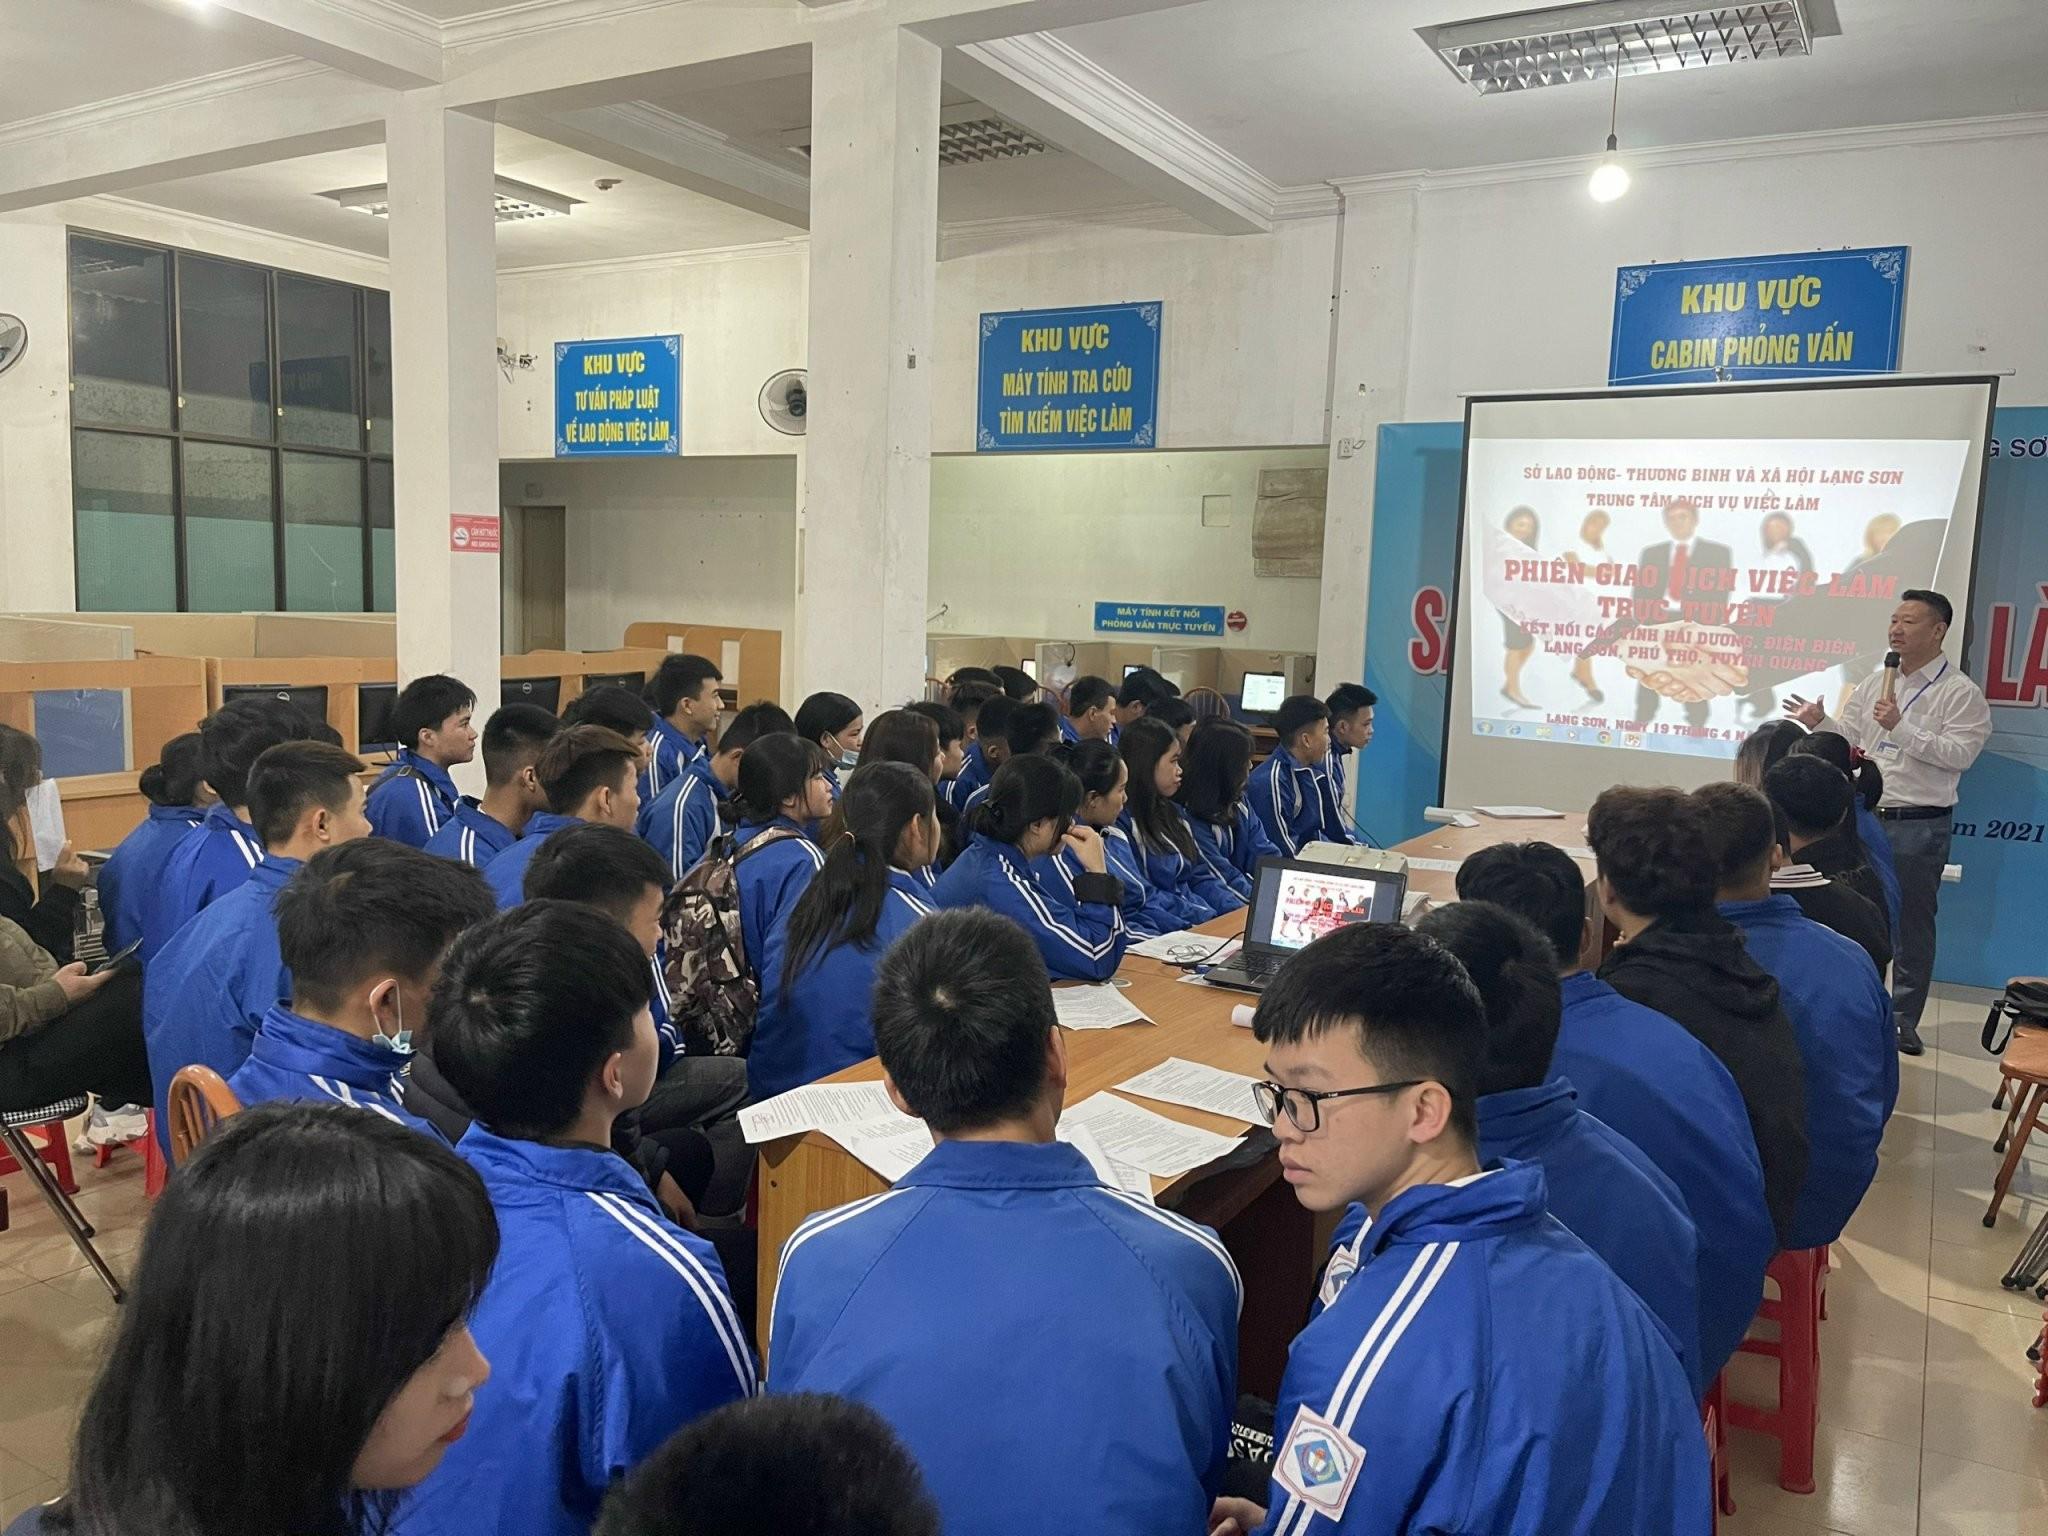 Trung tâm Dịch vụ Việc làm tỉnh Lạng Sơn thực hiện tư vấn, hướng nghiệp nghề hàng không cho học sinh THPT